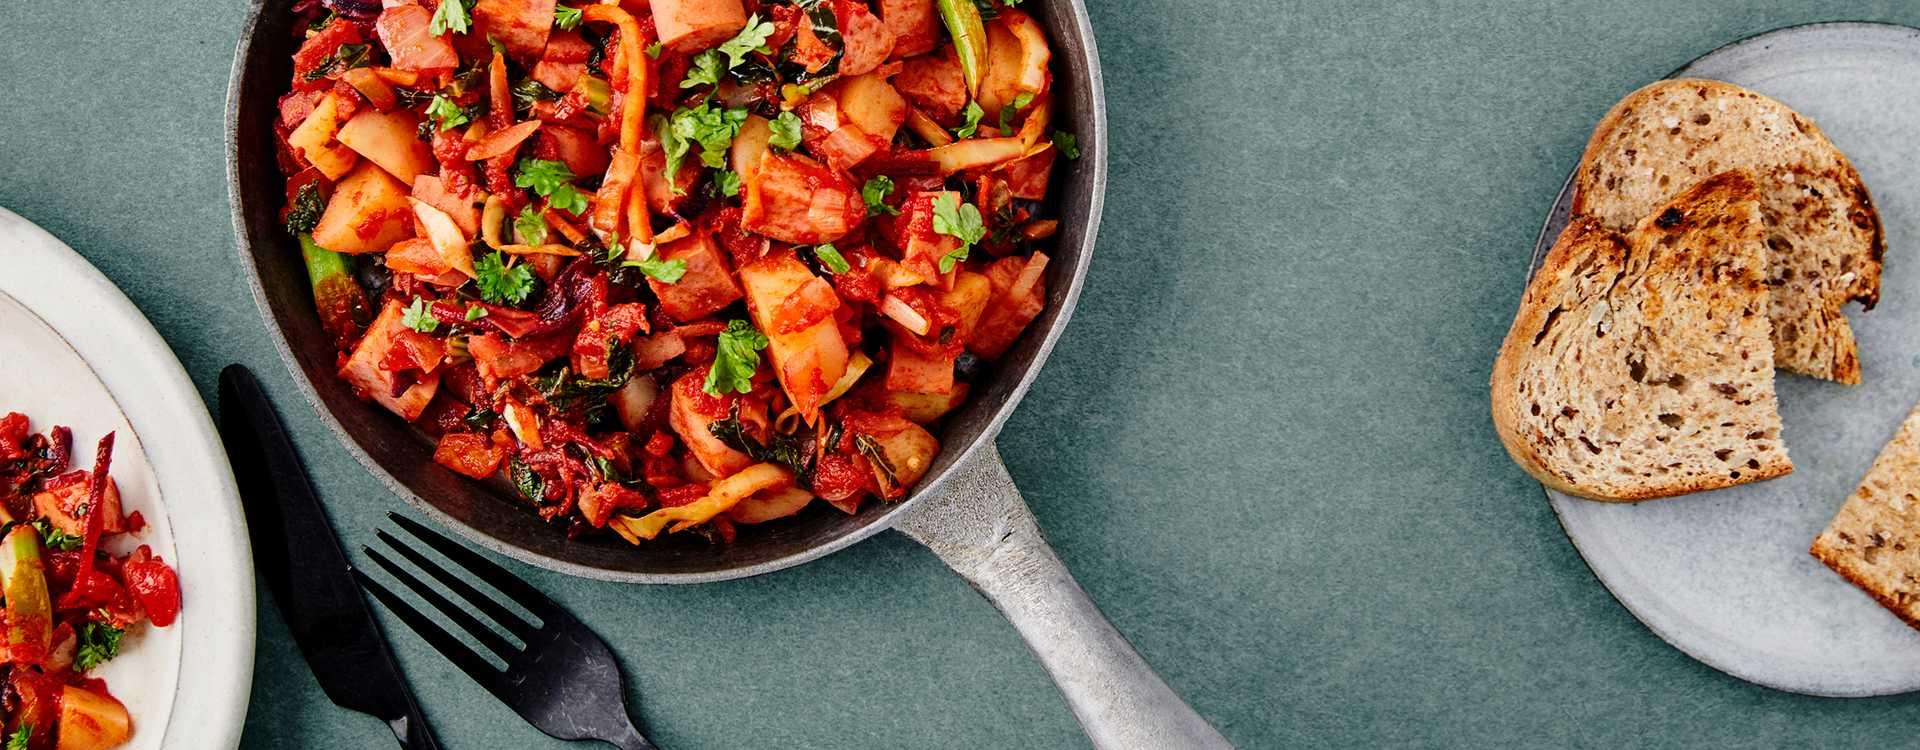 Pølsepanne med potet, grønnkål mix og tomat